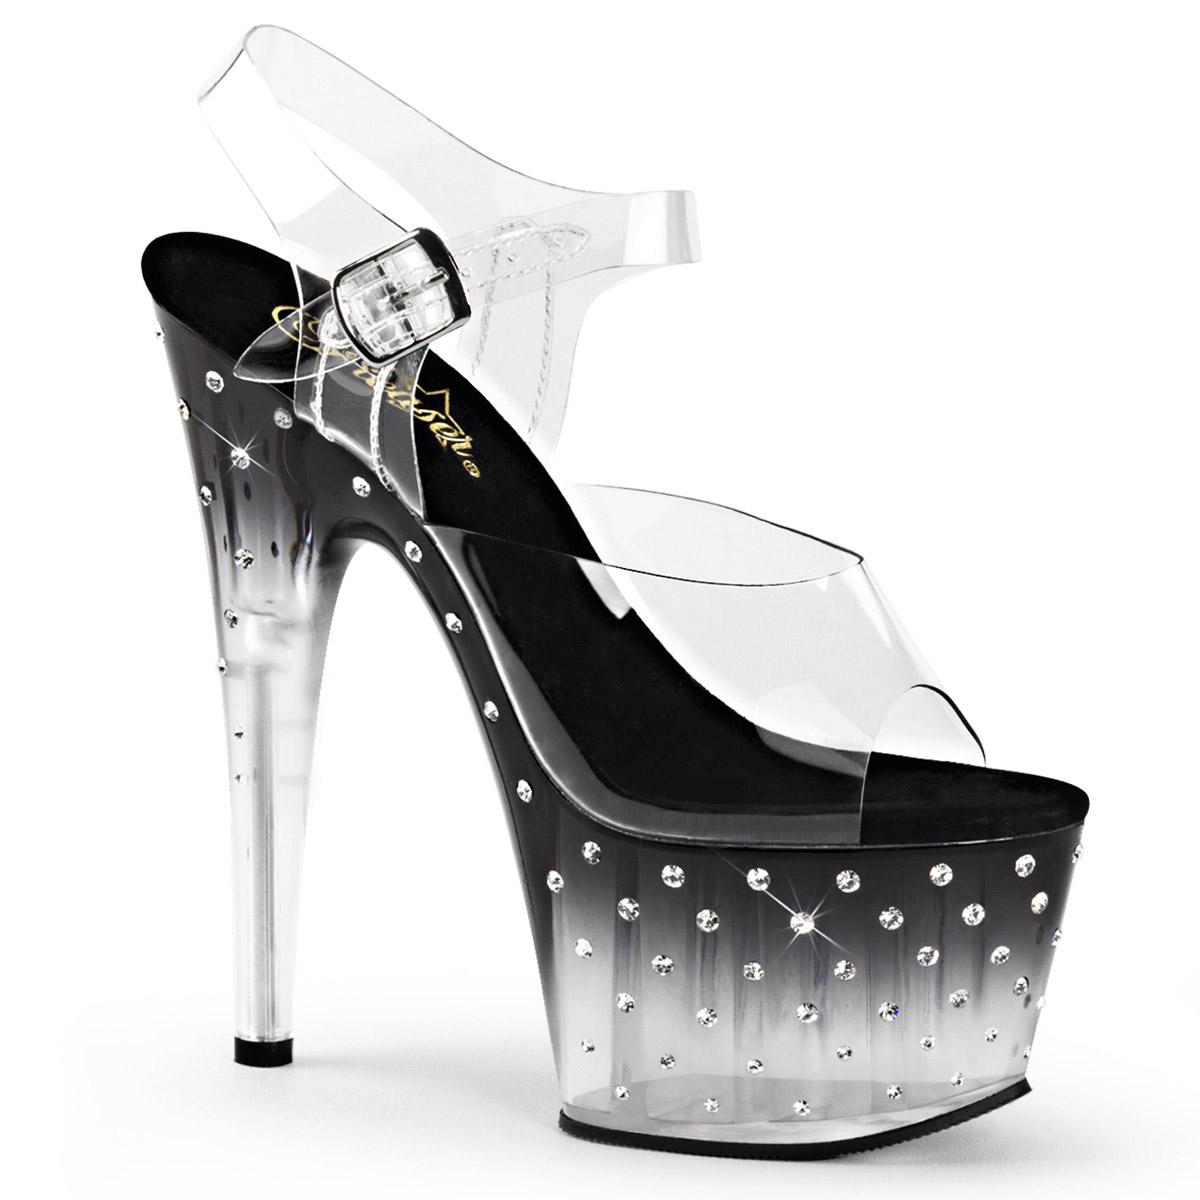 Pleaser y y y Correa en el Tobillo Sandalia Taco de 7  con diamantes de imitación Sandalias de mujer inferior Tachonado clr Negro-CLR  compras en linea